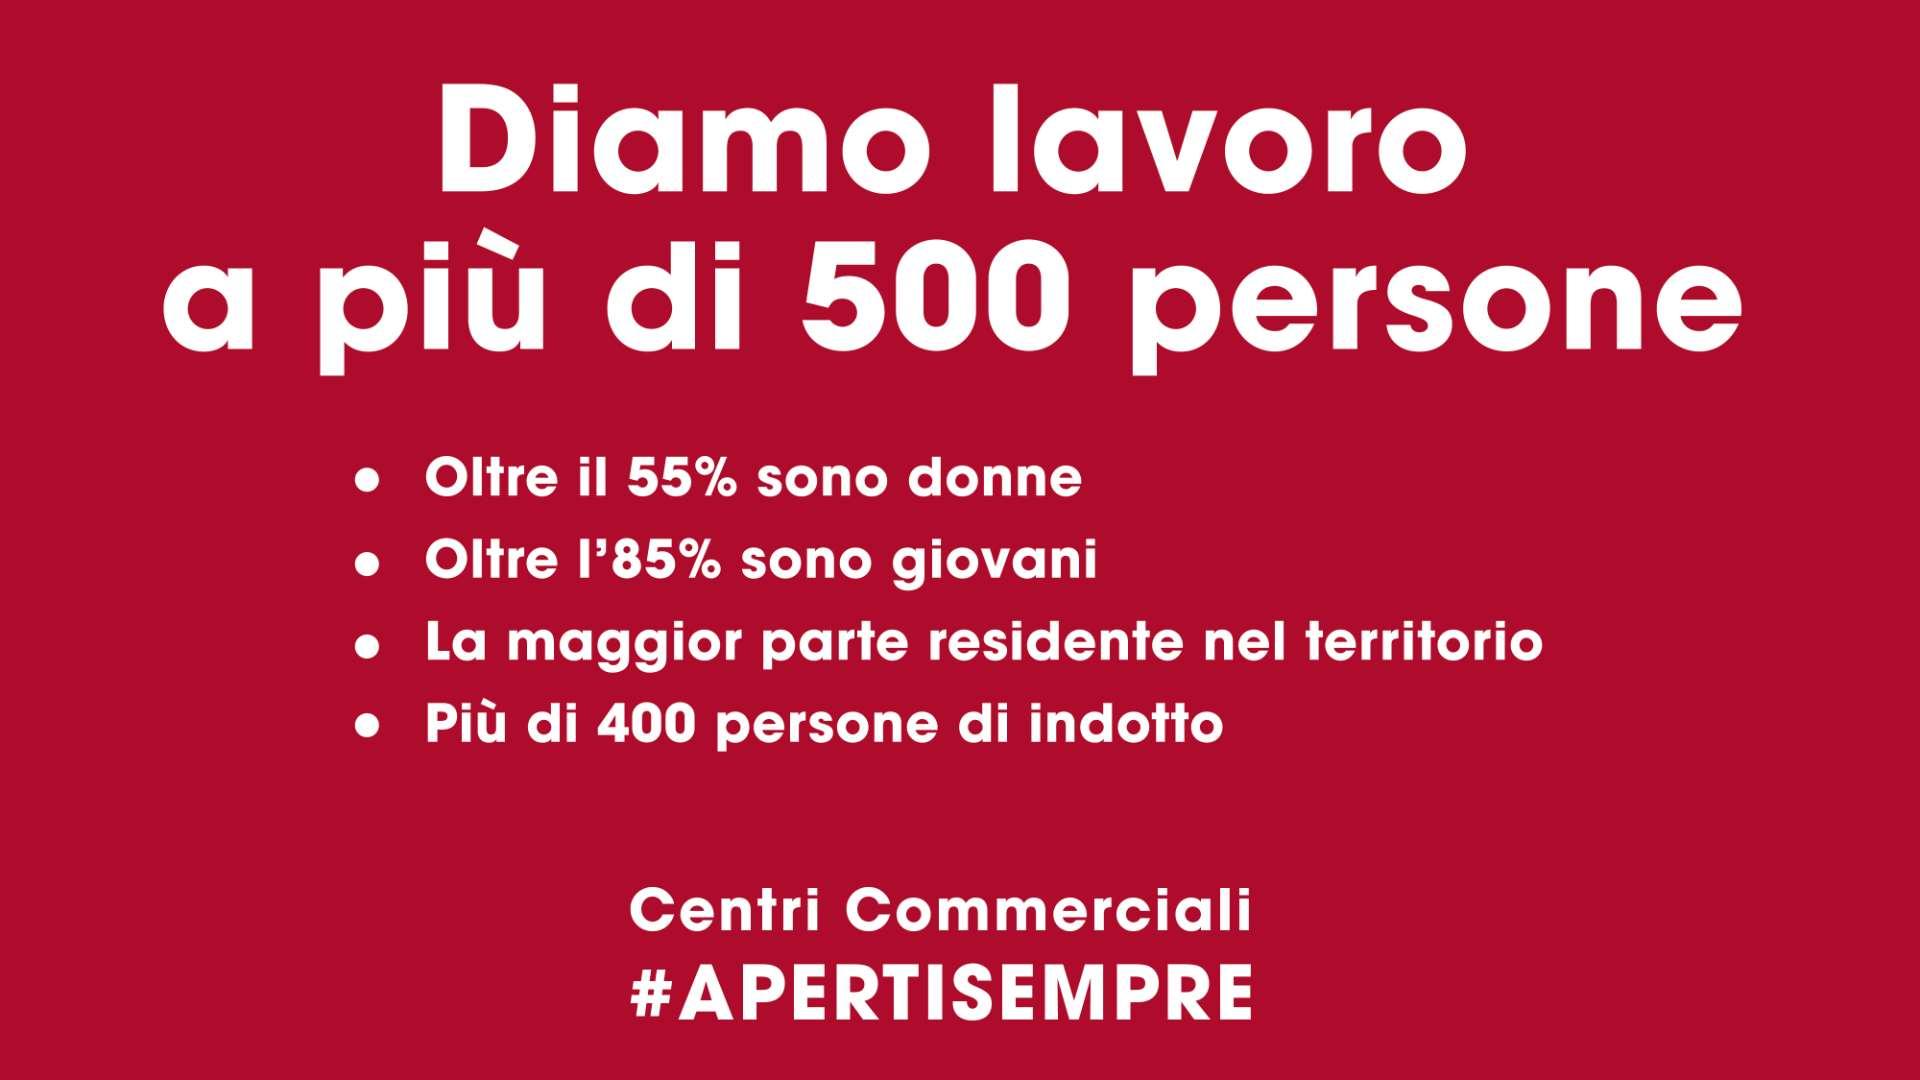 Centri Commerciali #APERTISEMPRE #LAVORO